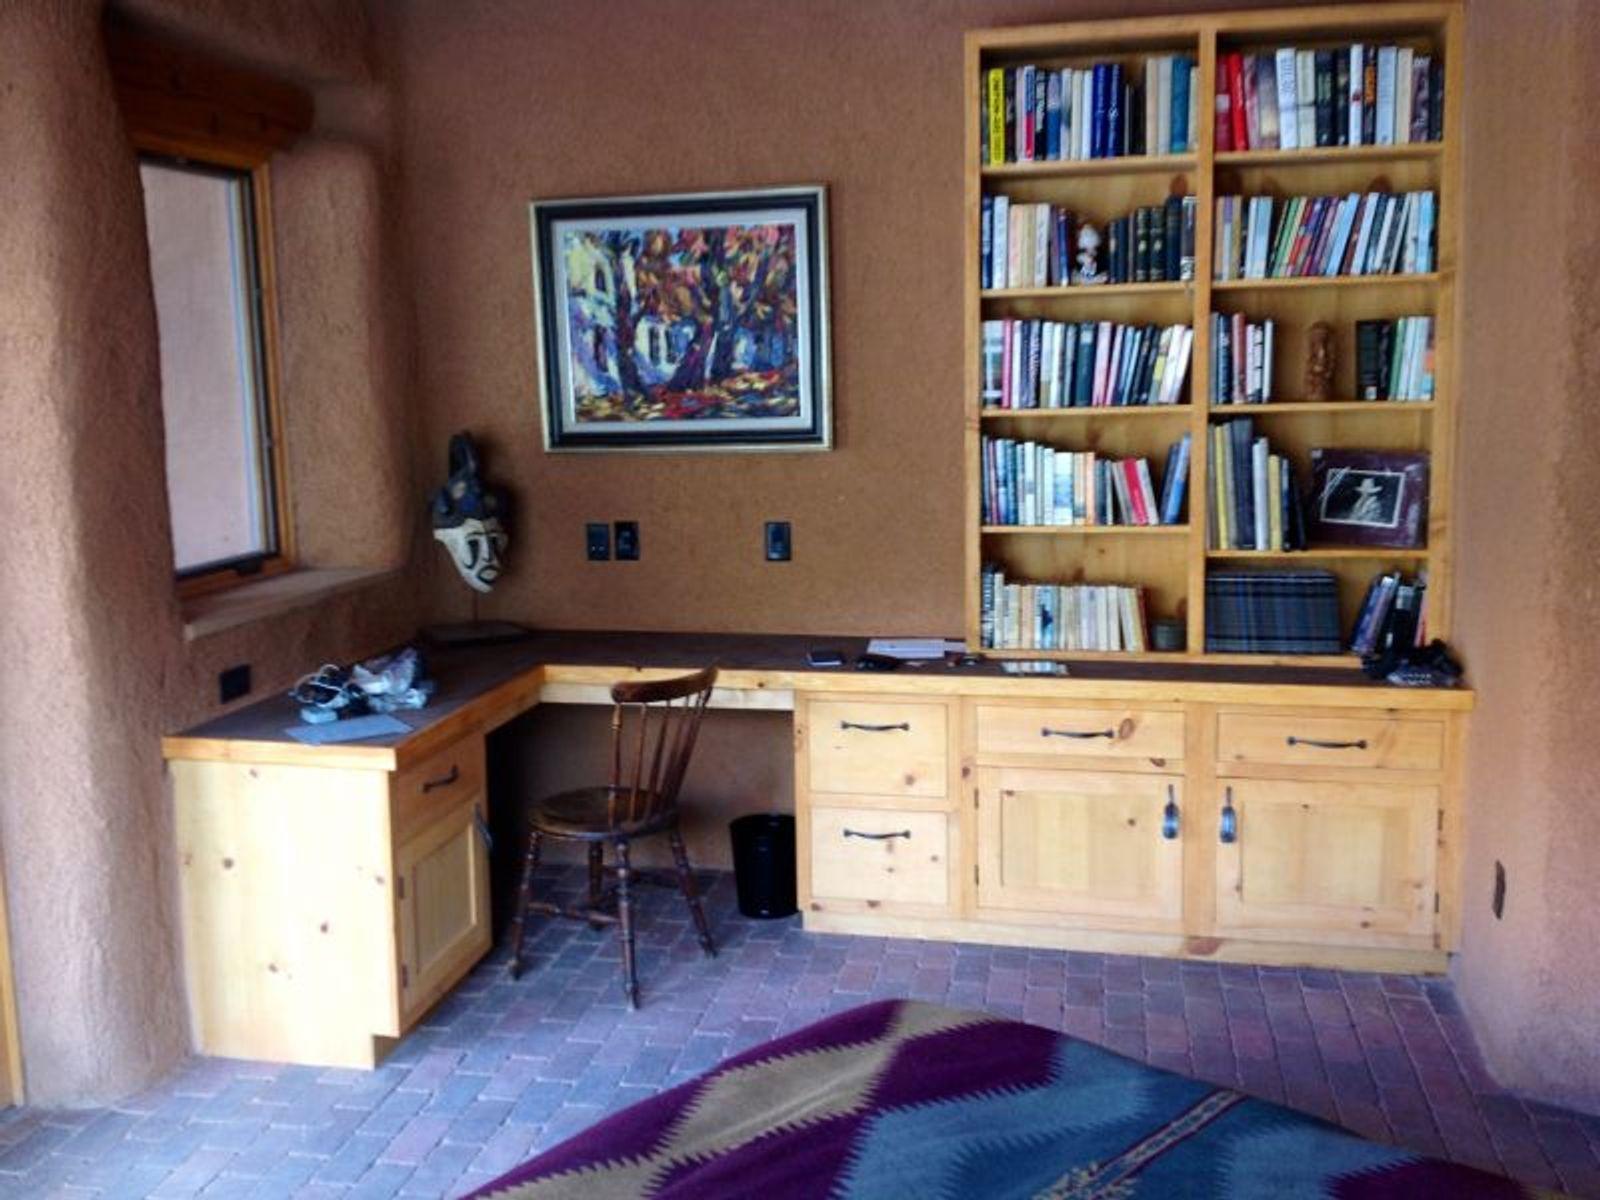 Main House: Master Bedroom desk, bookshelves